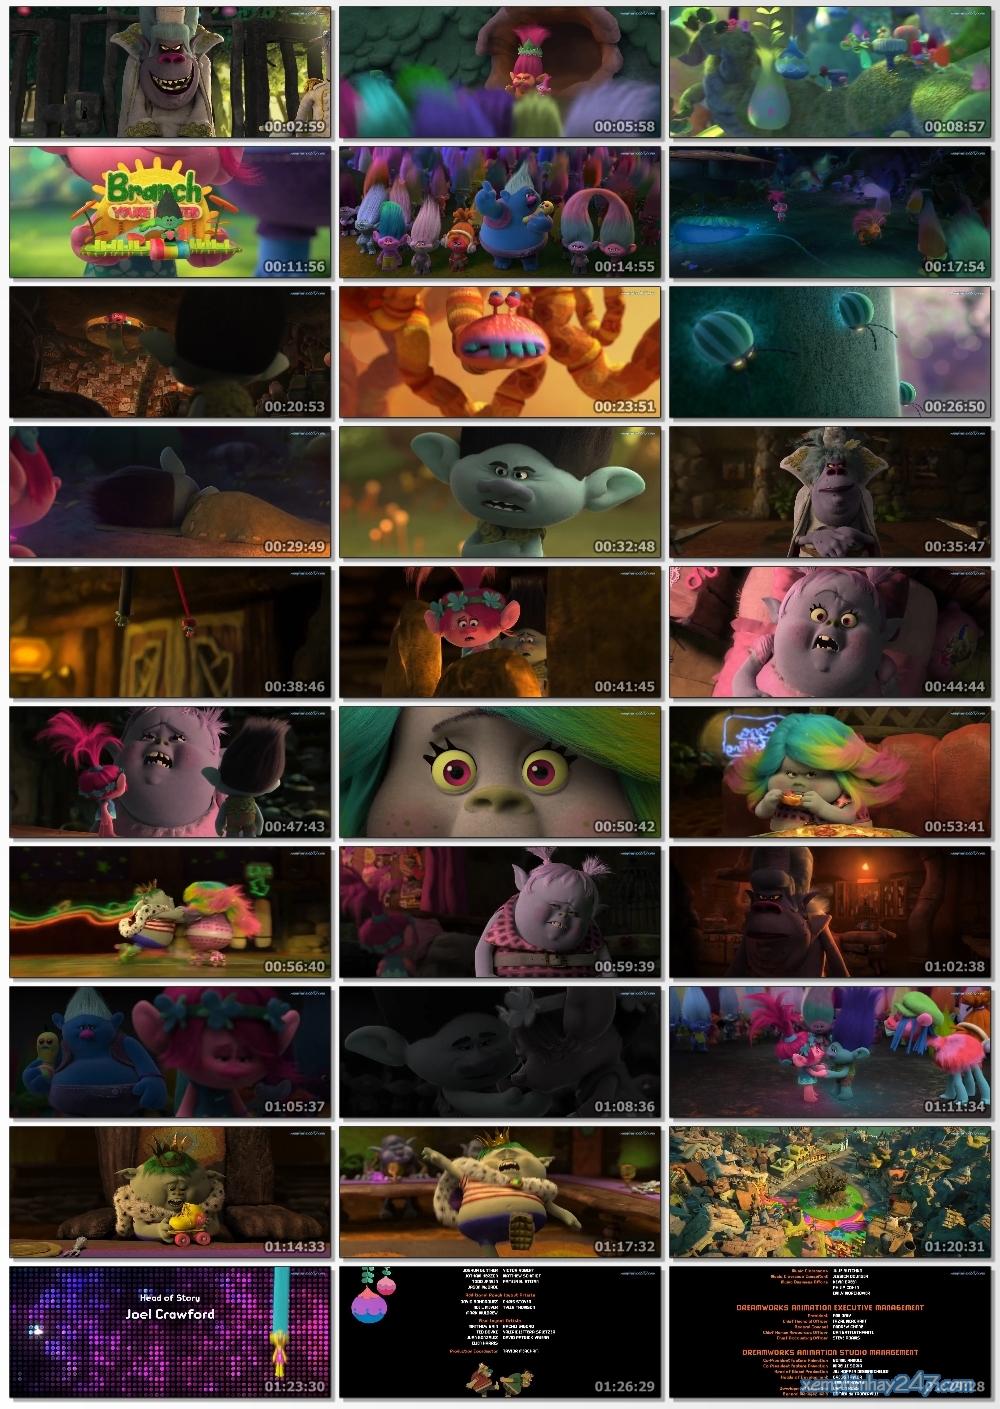 http://xemphimhay247.com - Xem phim hay 247 - Quỷ Lùn Tinh Nghịch (2016) - Trolls (2016)